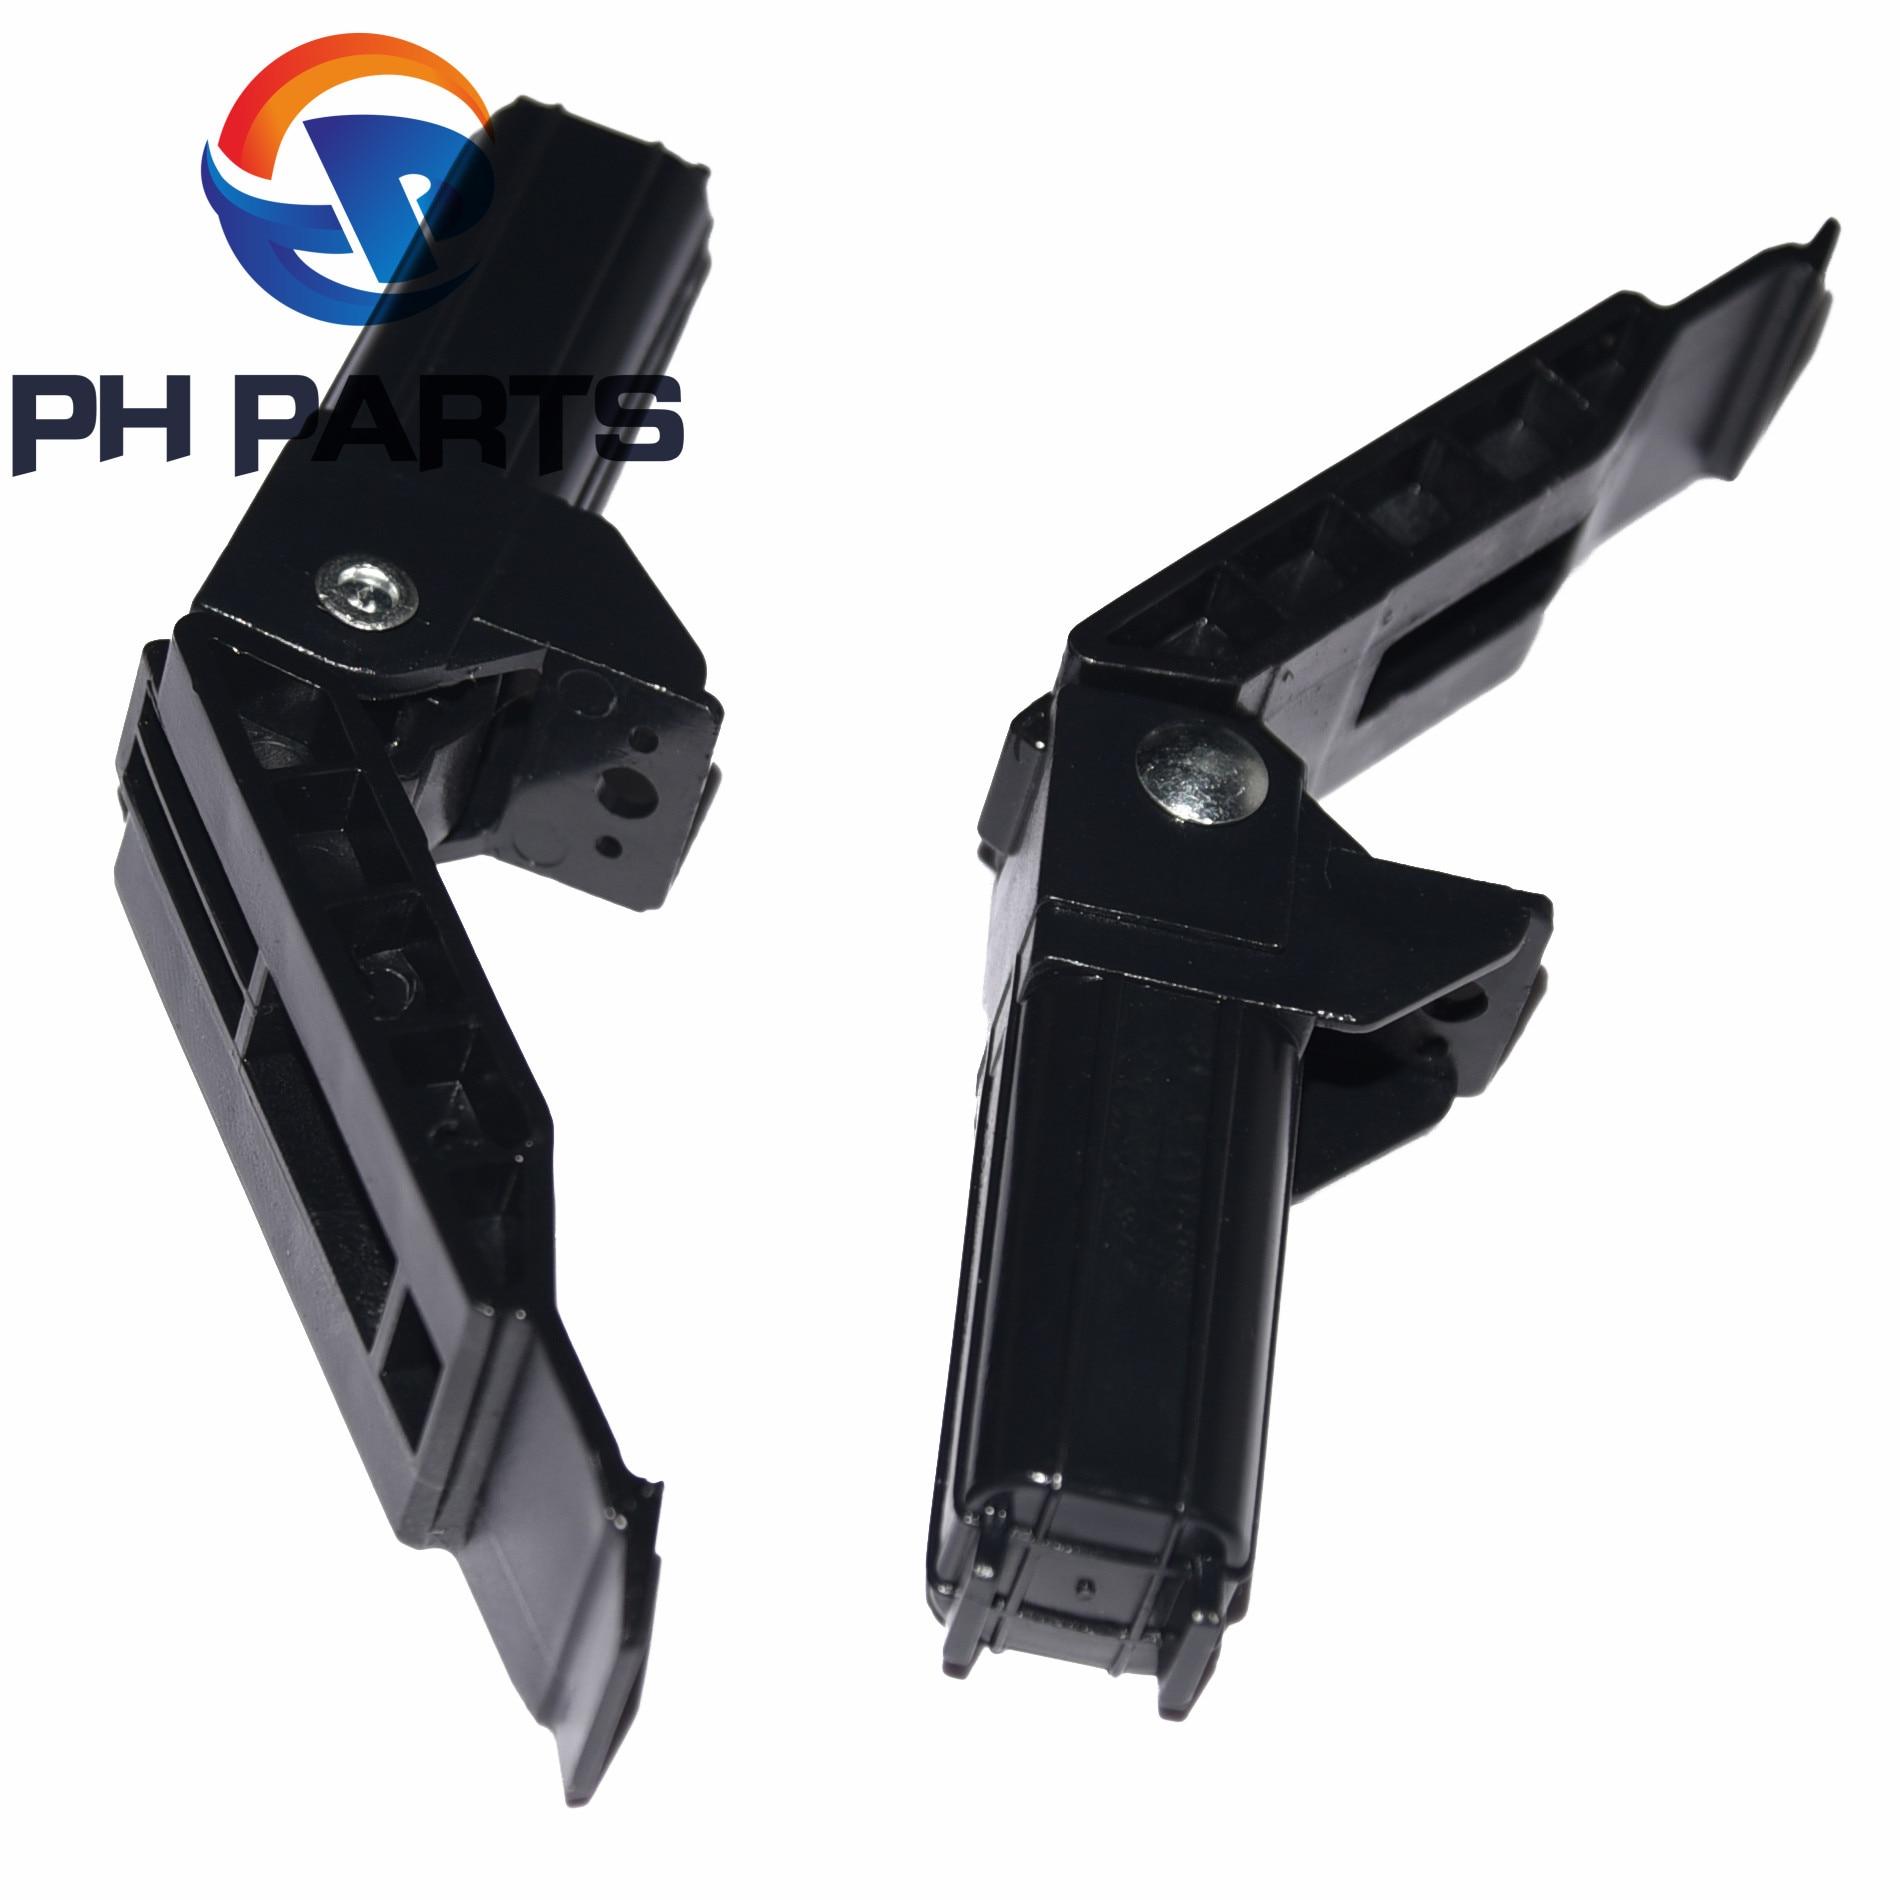 1X For Canon D520 D560 MF4410 MF4412 MF4420 MF4430 MF4450 MF4452 MF4453 MF4550 MF4553 MF4554 MF4570 MF4580 MF211 MF212 ADF Hinge